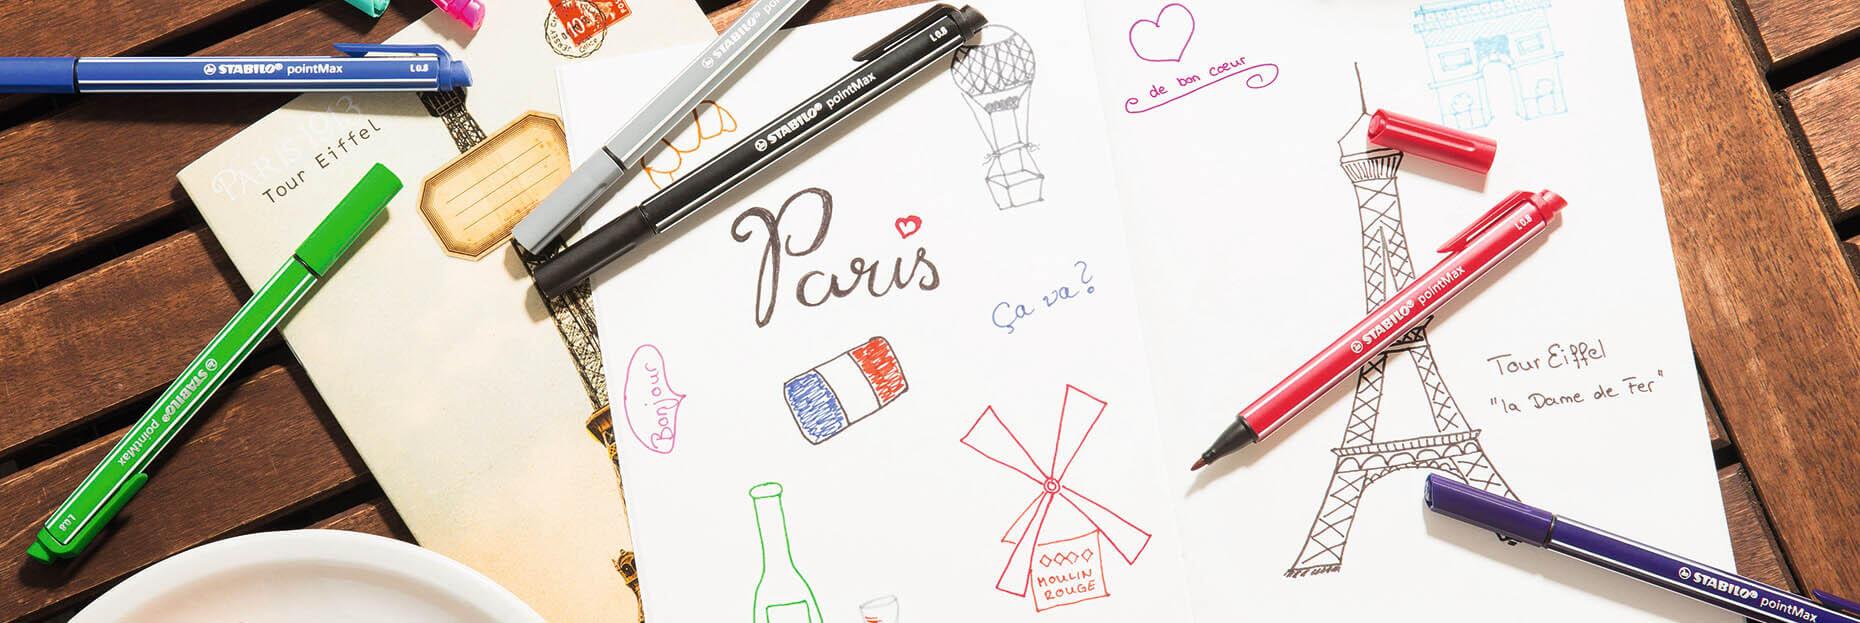 PR_STABILO_pointMax_France_1860x623px.jpg